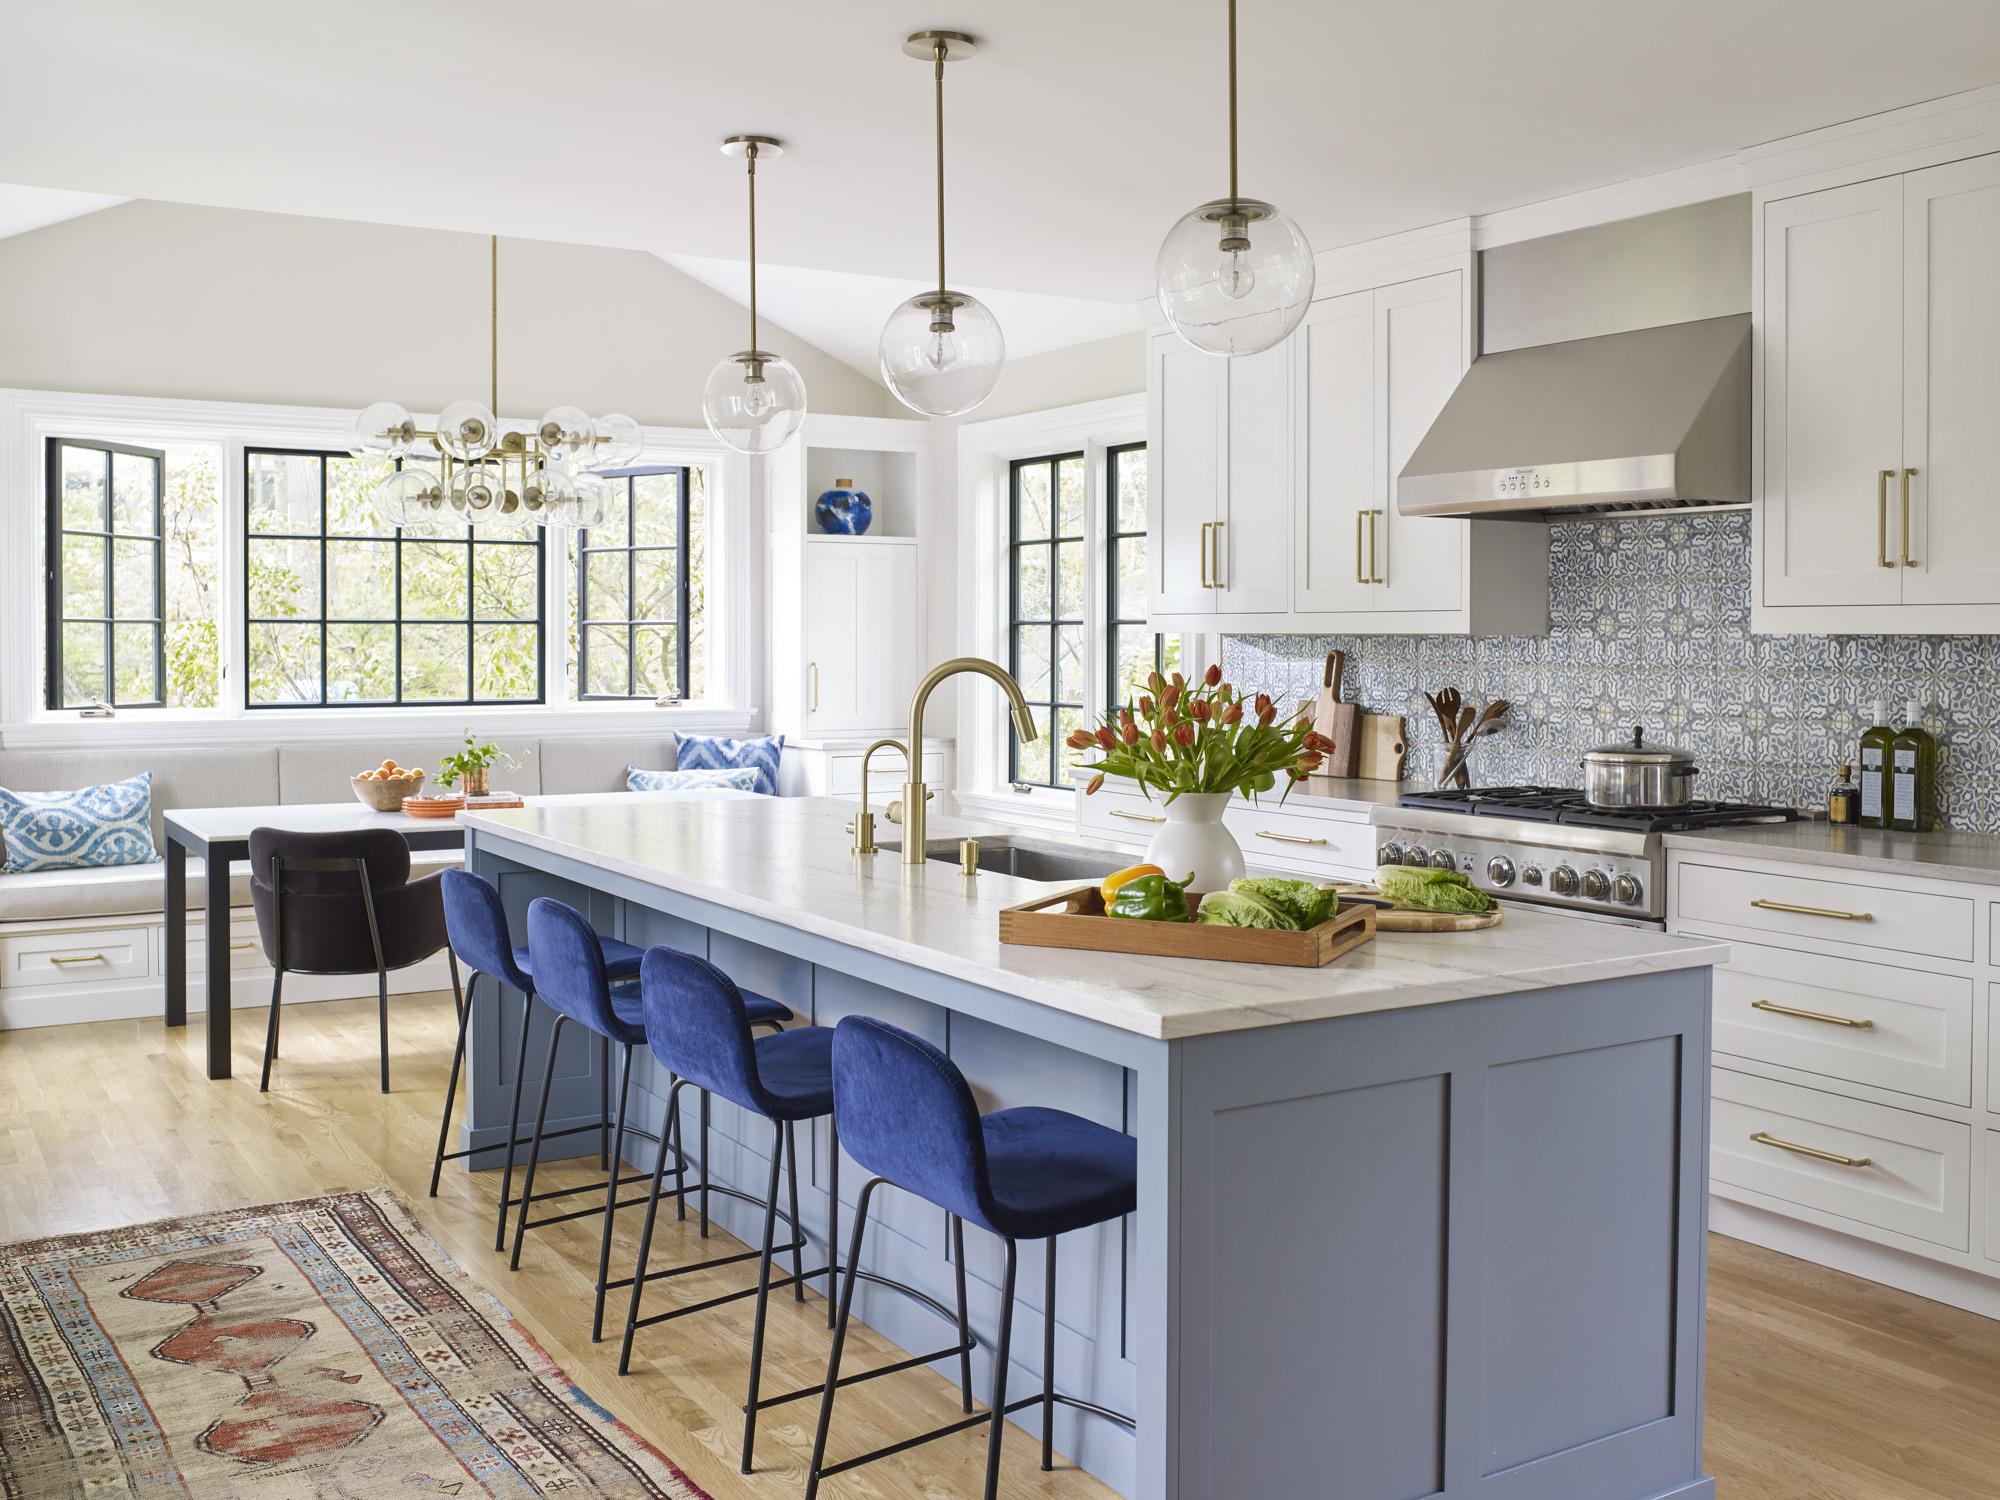 rad white and blue tile for your kitchen floor backsplash or islandstudio dearborn interior design